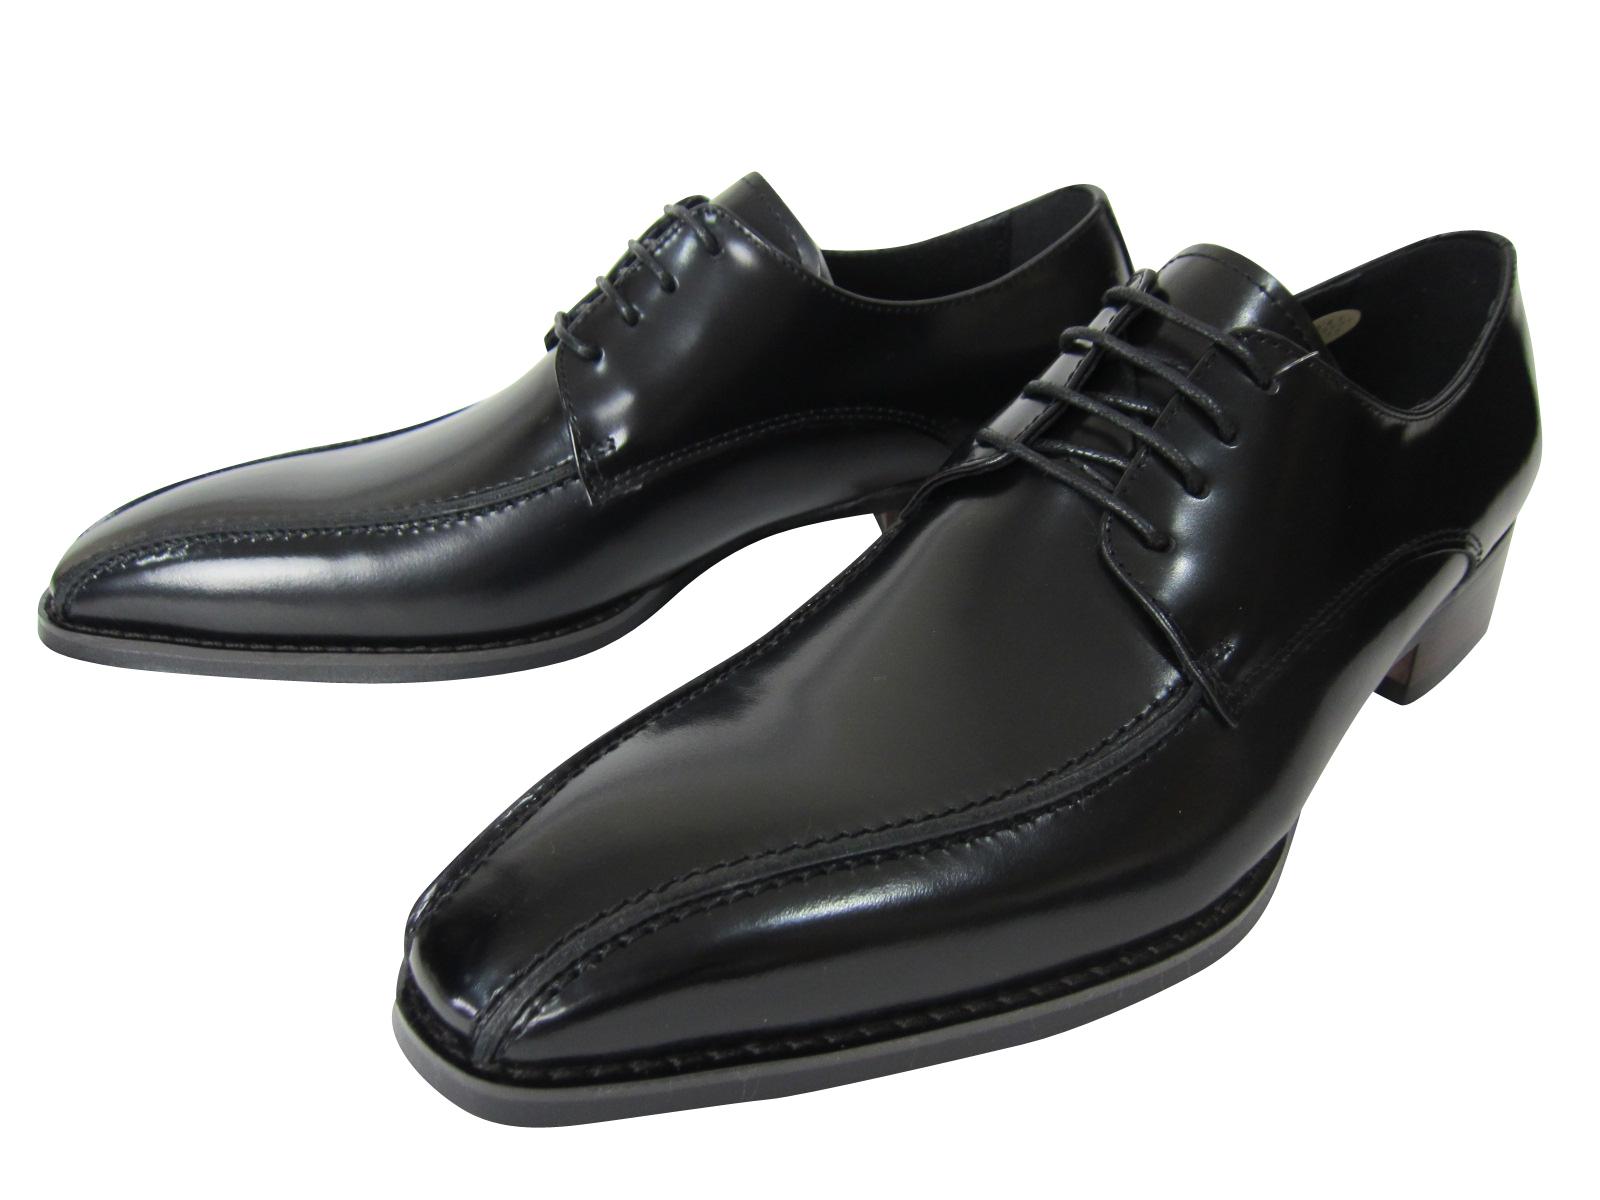 毎日続々入荷 Valentino Glario ビジネスシューズ アッパー全て本革☆撥水☆日本製☆手塗仕上げ牛革流れビジネスシューズ紳士靴 送料無料 買い取り 4880